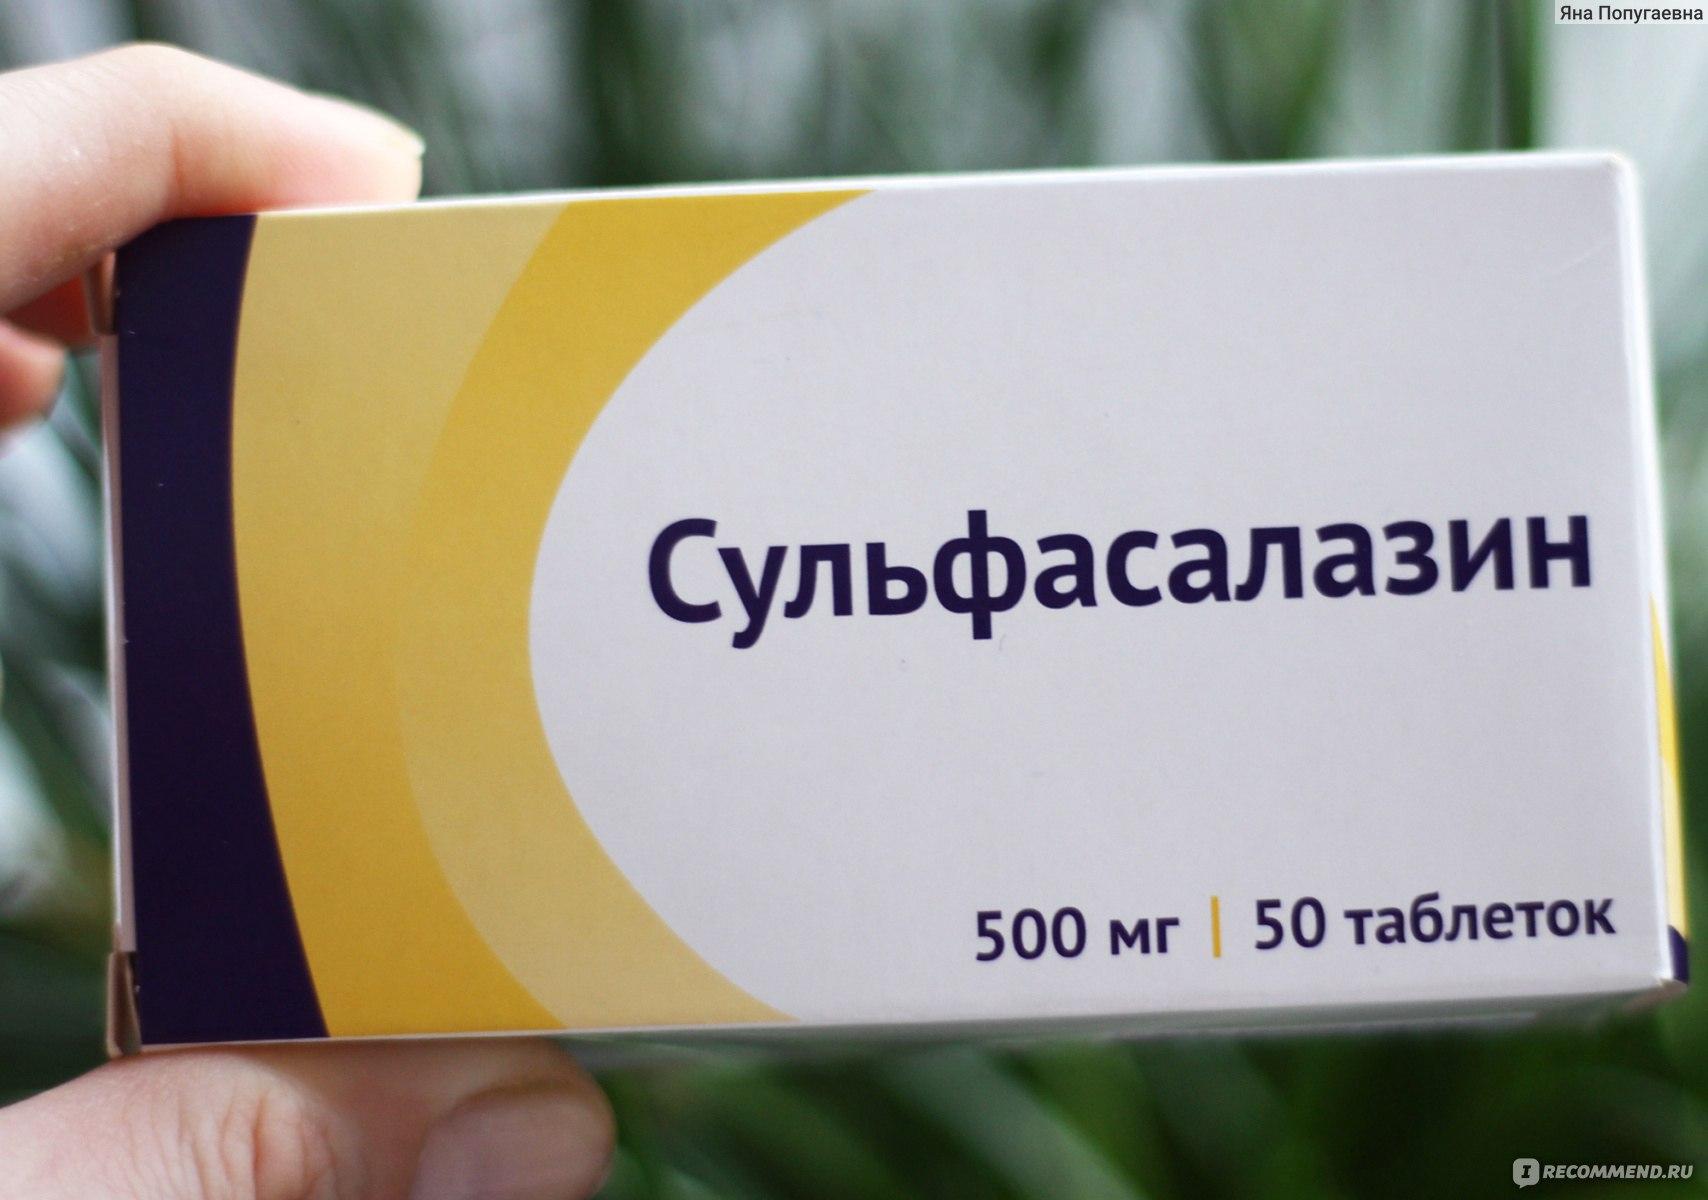 Сульфасалазин: описание вещества и эффективность при артрите